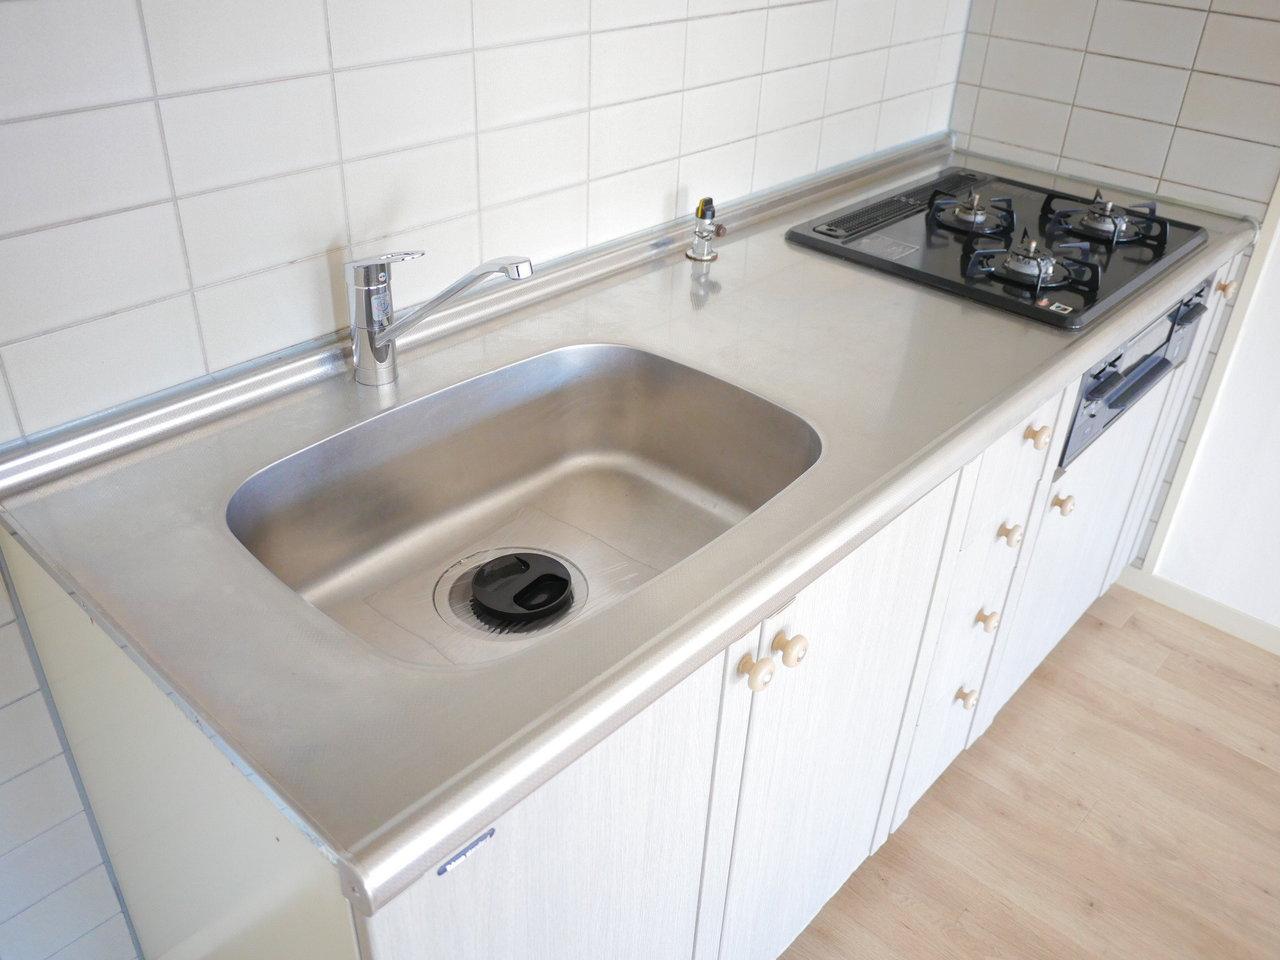 キッチンも作業スペースも十分あって、しかも3口コンロ。お料理好きの方にはうれしい設備です。